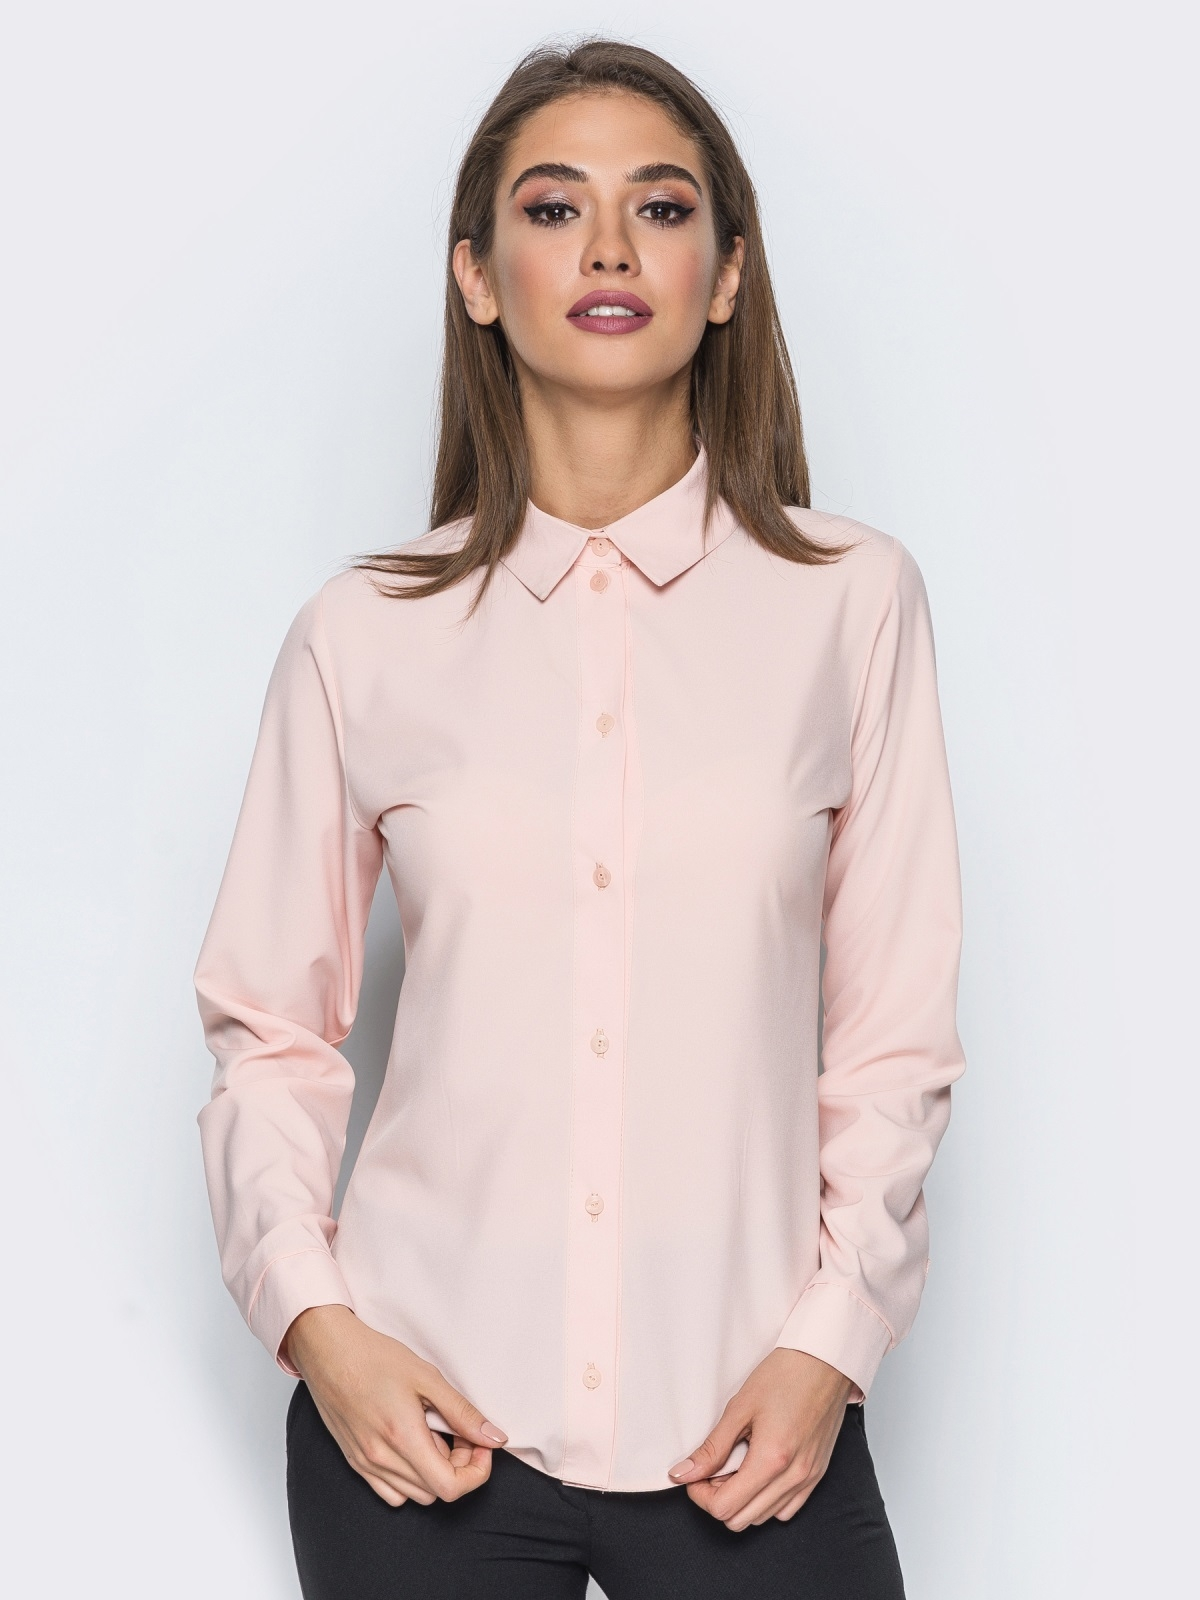 Блузка полуприталенного кроя с функциональными пуговицами розовая - 14229, фото 1 – интернет-магазин Dressa